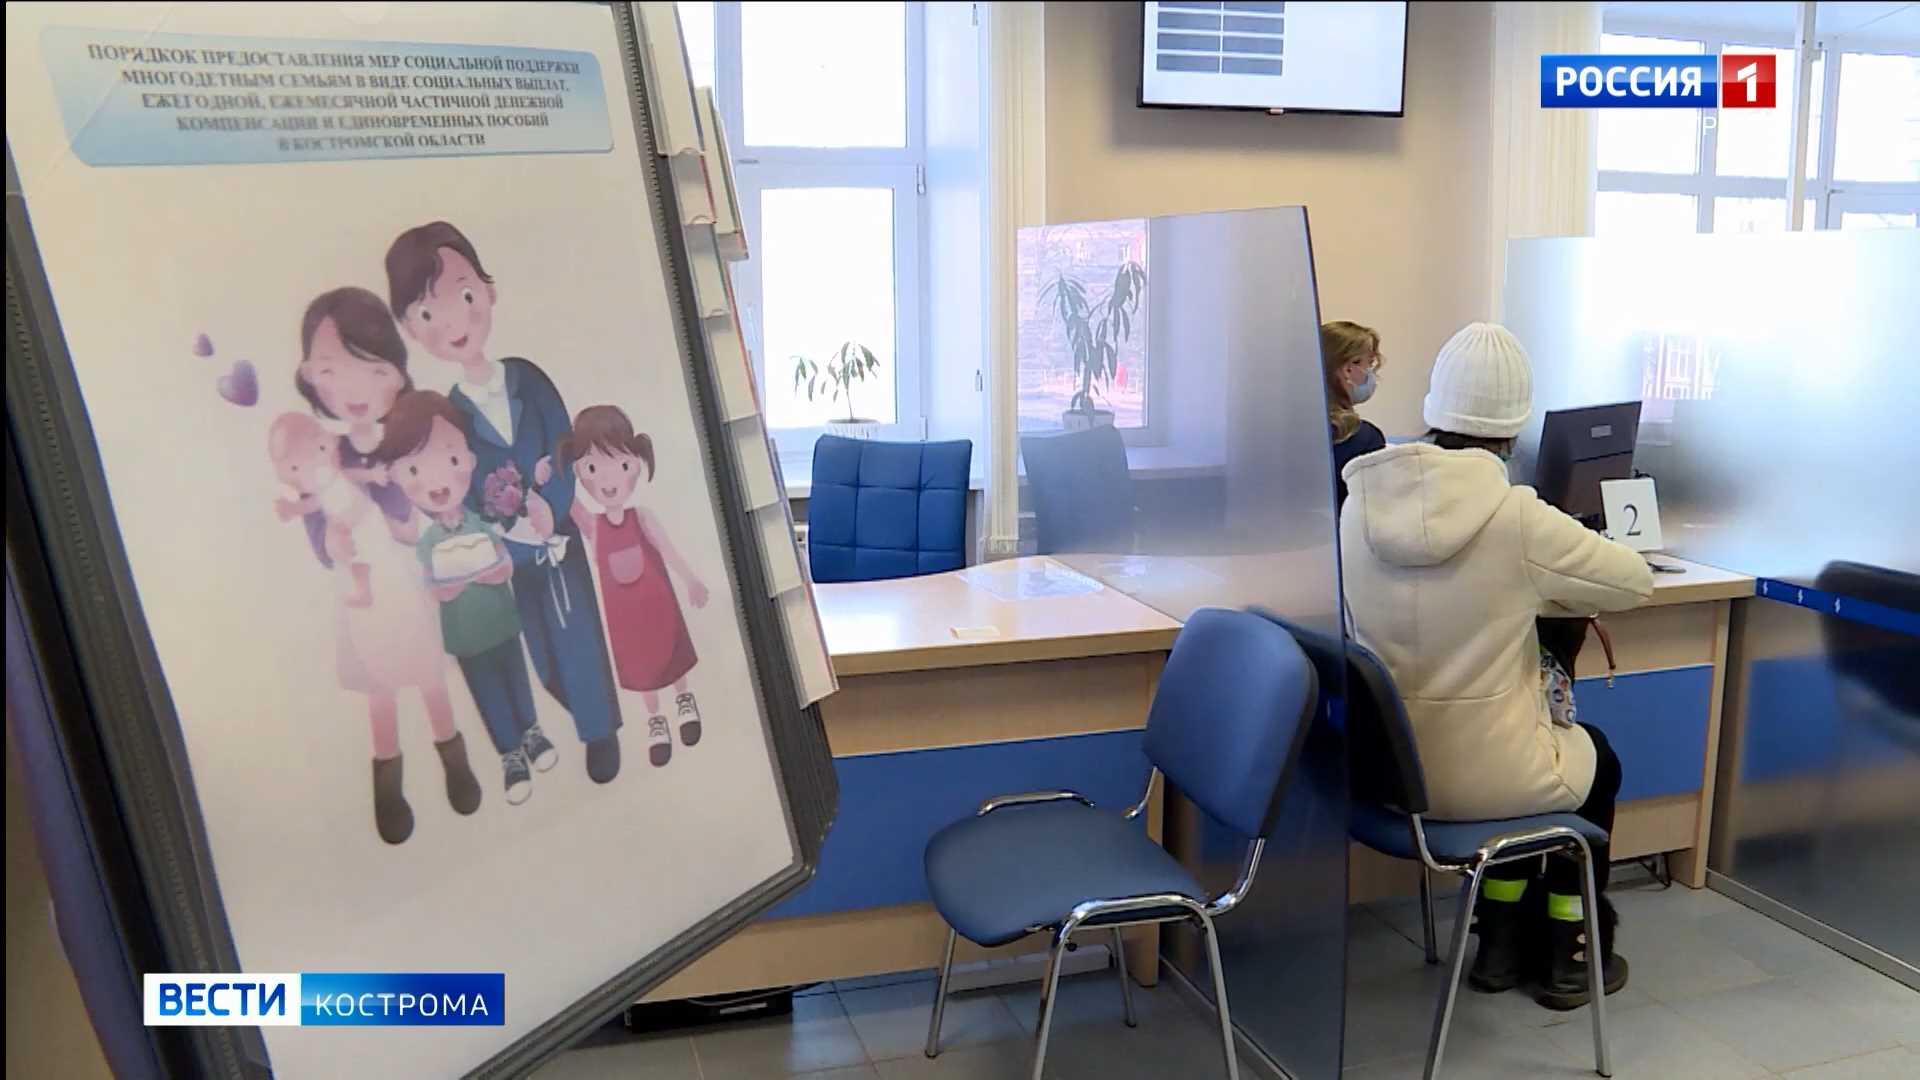 Пособия на детей от 3 до 7 лет костромским семьям начисляют теперь по-новому